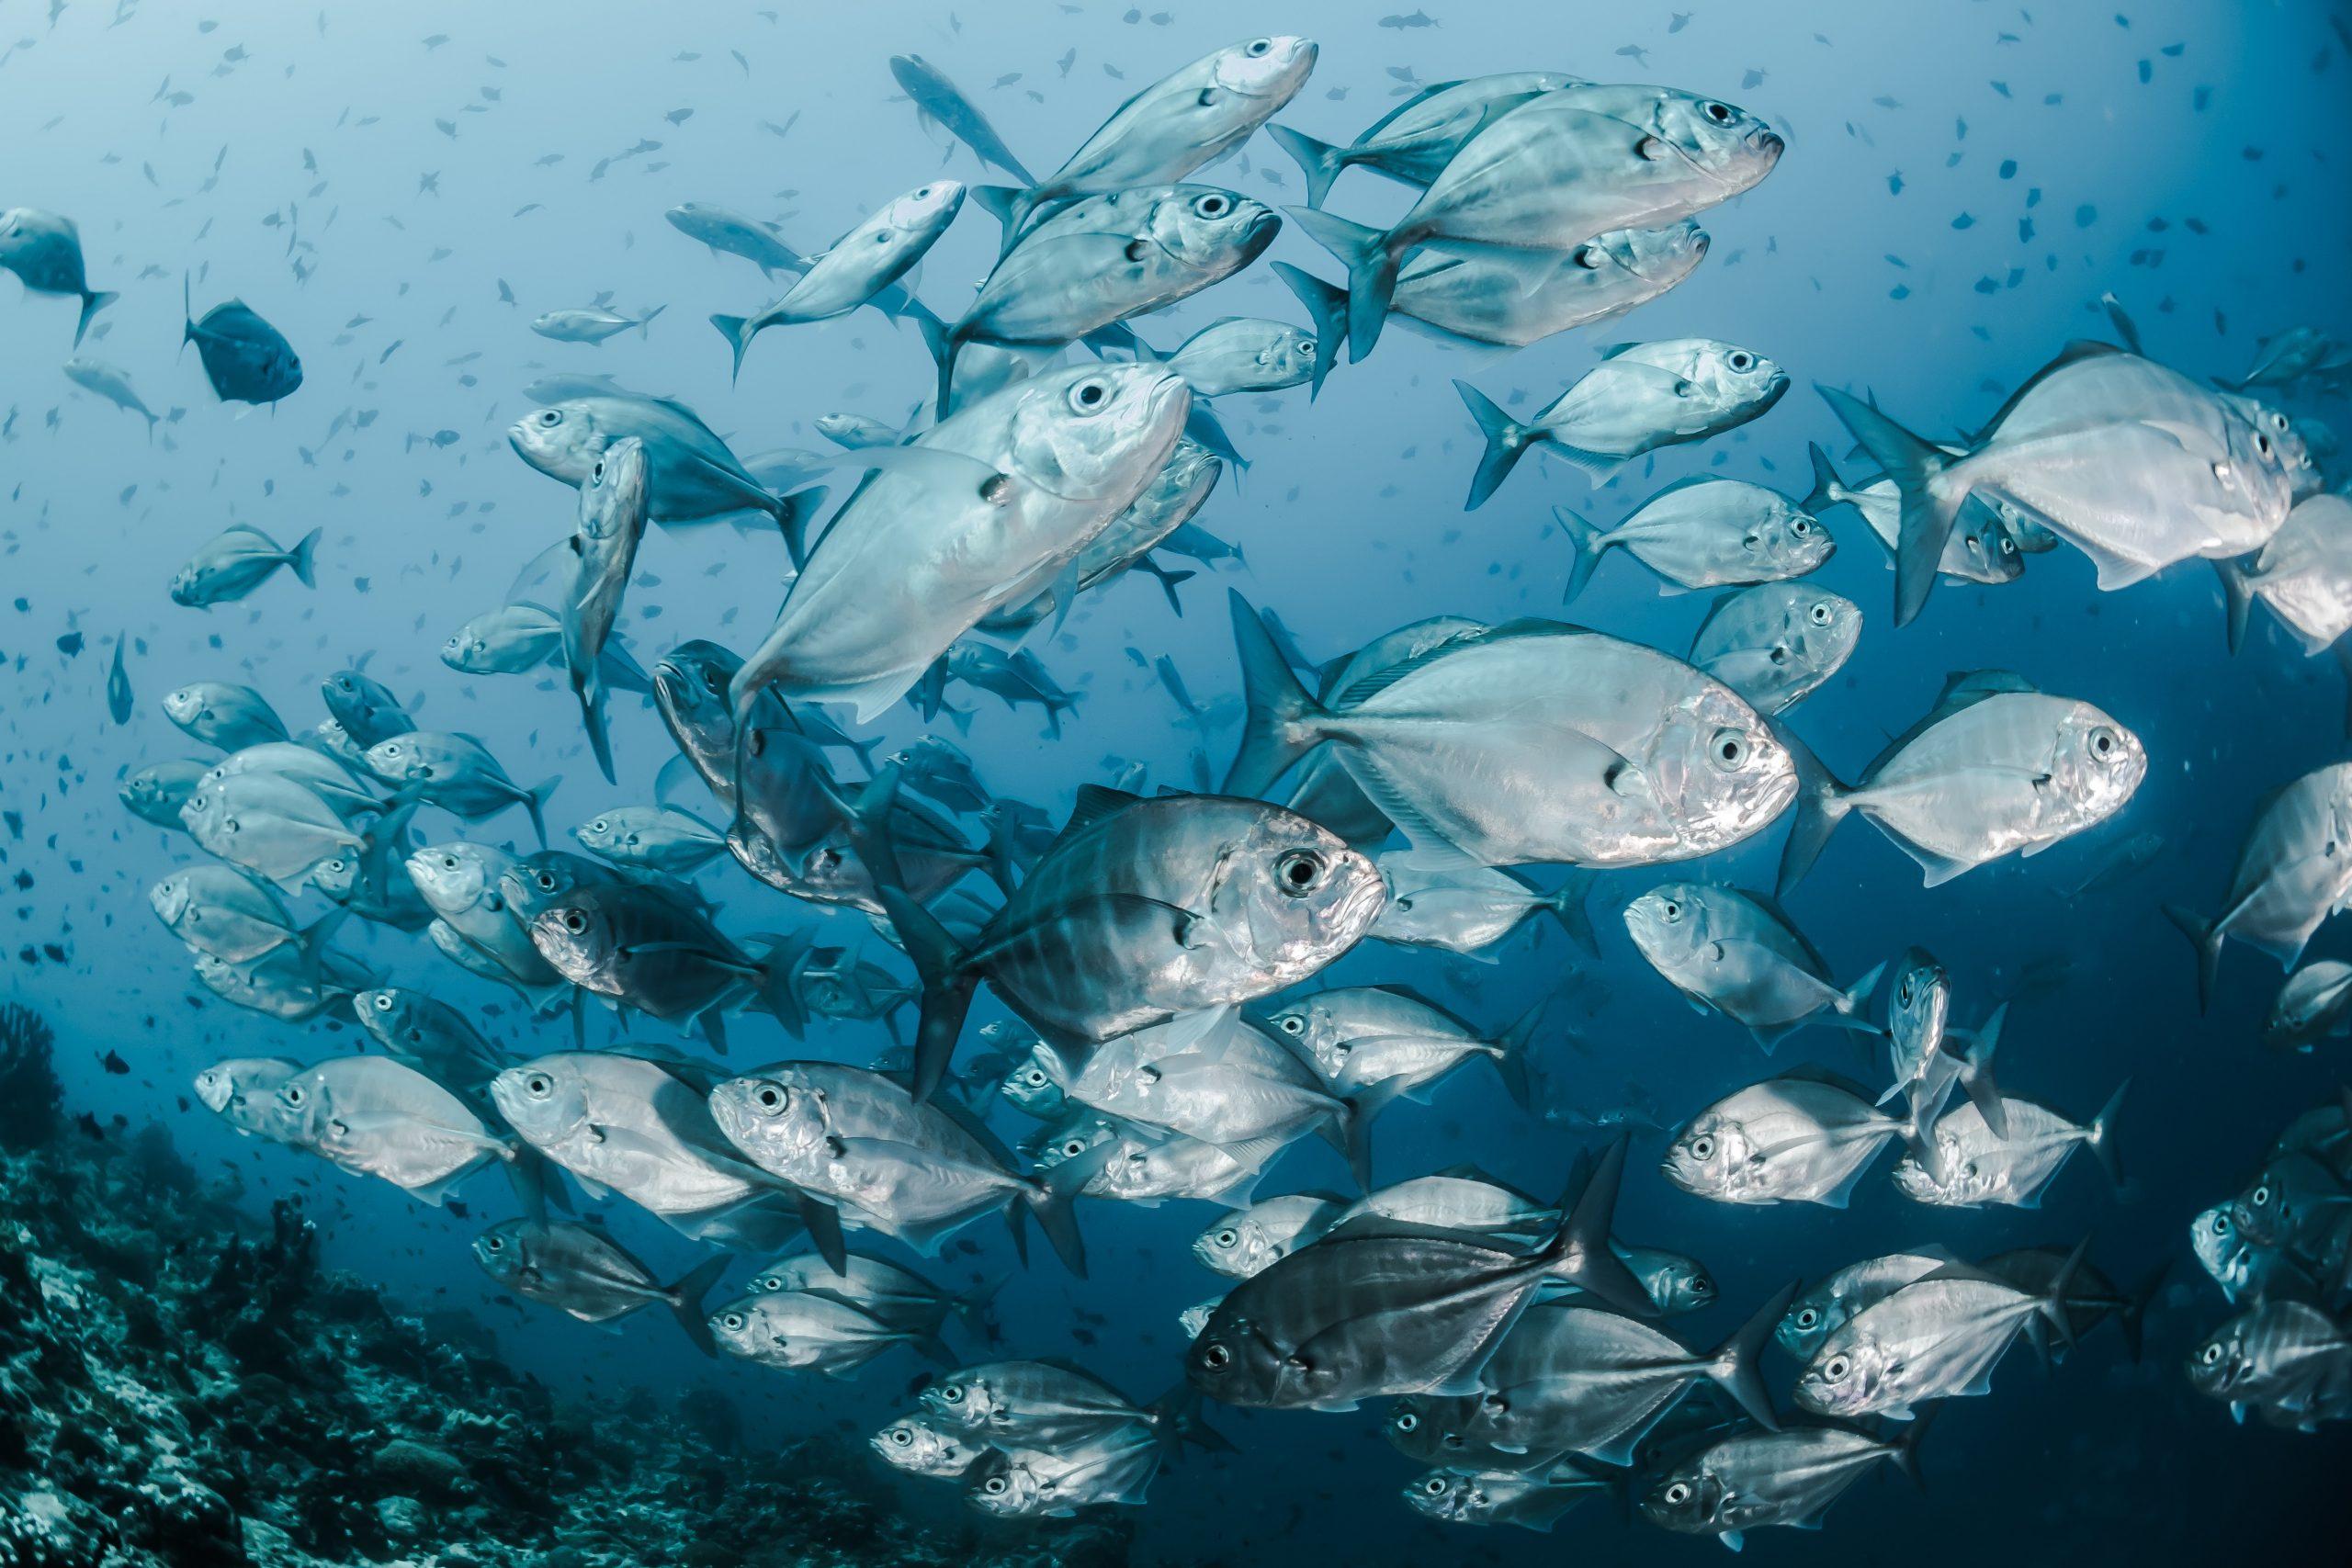 ¿Los peces beben agua? 1